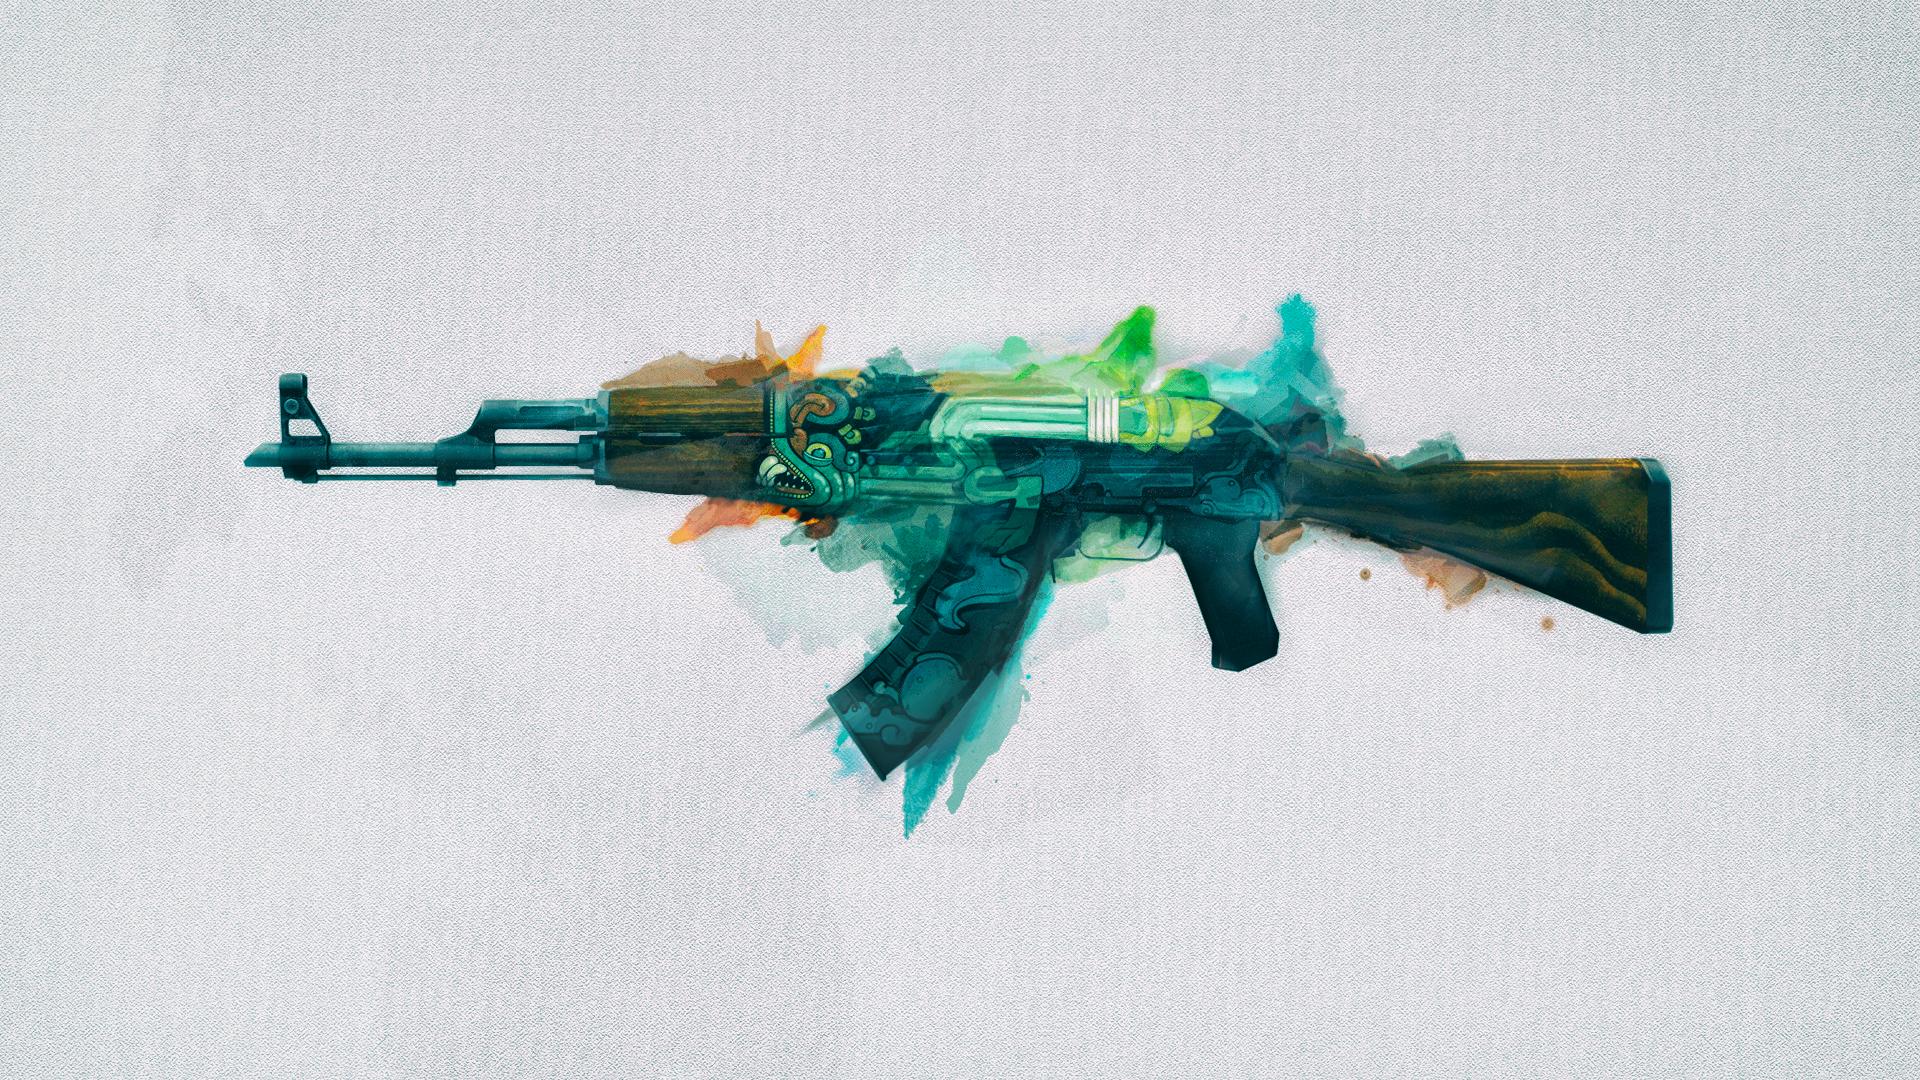 AK-47 Fire Serpent